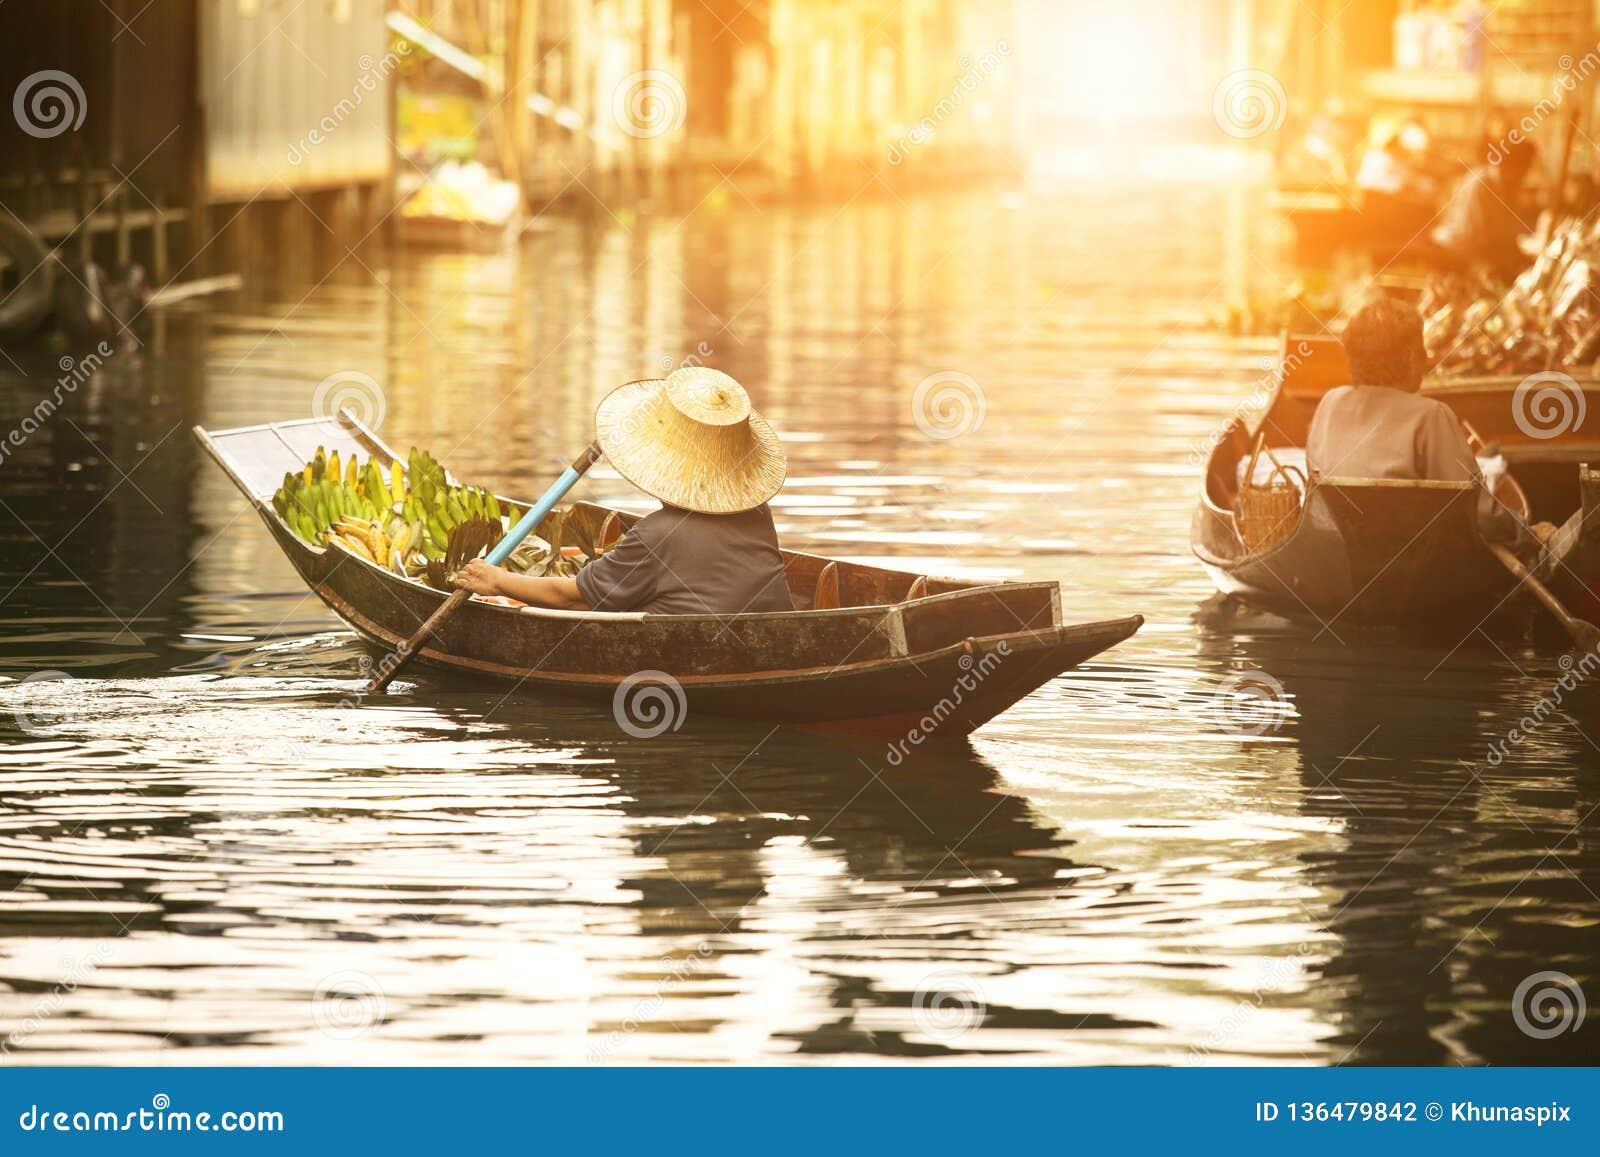 Vendedor tailandés de la fruta que navega el barco de madera en mercado flotante de la tradición de Tailandia